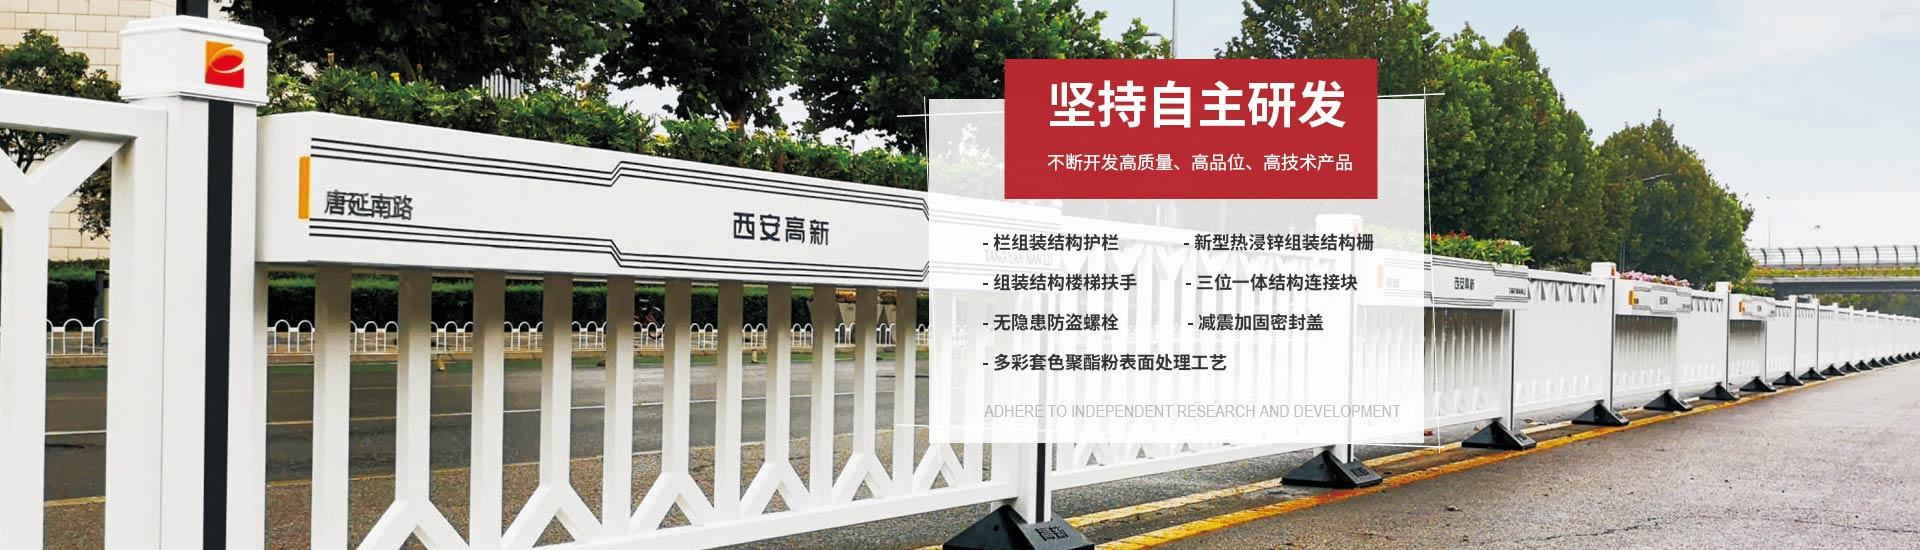 城市道路护栏有哪些因素组成,道路护栏厂家给我们具体的详解?